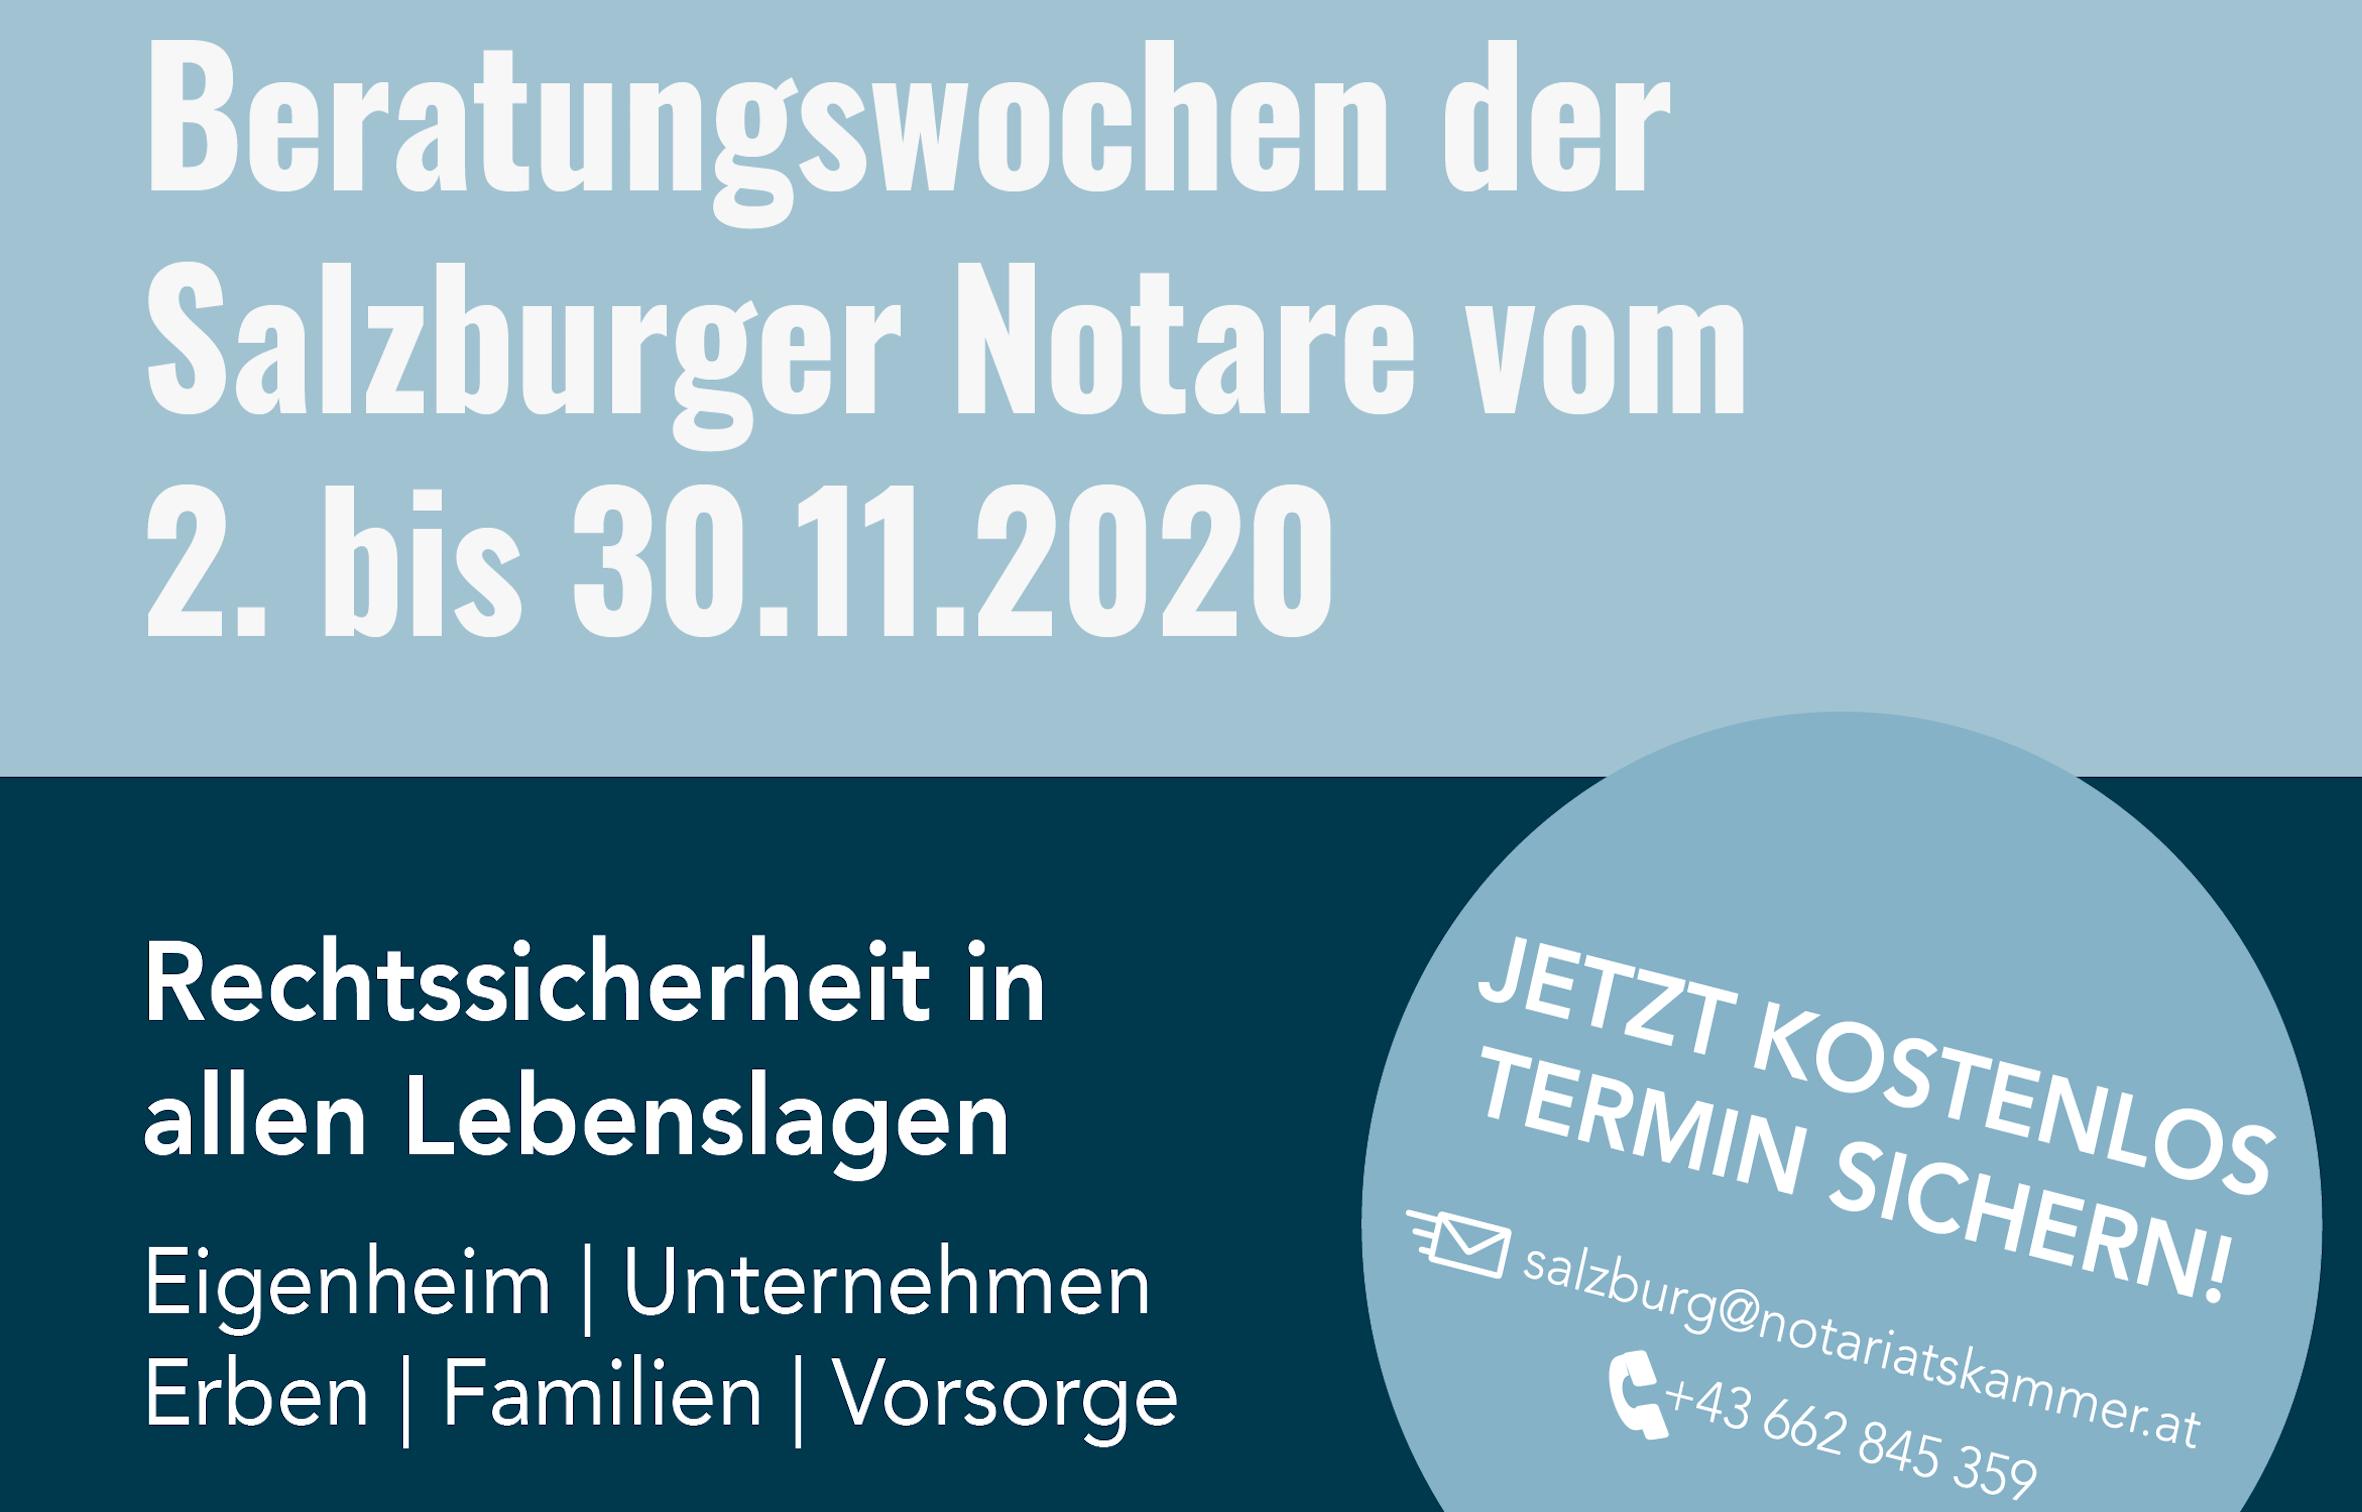 Beratungswochen der Salzburger Notare im November